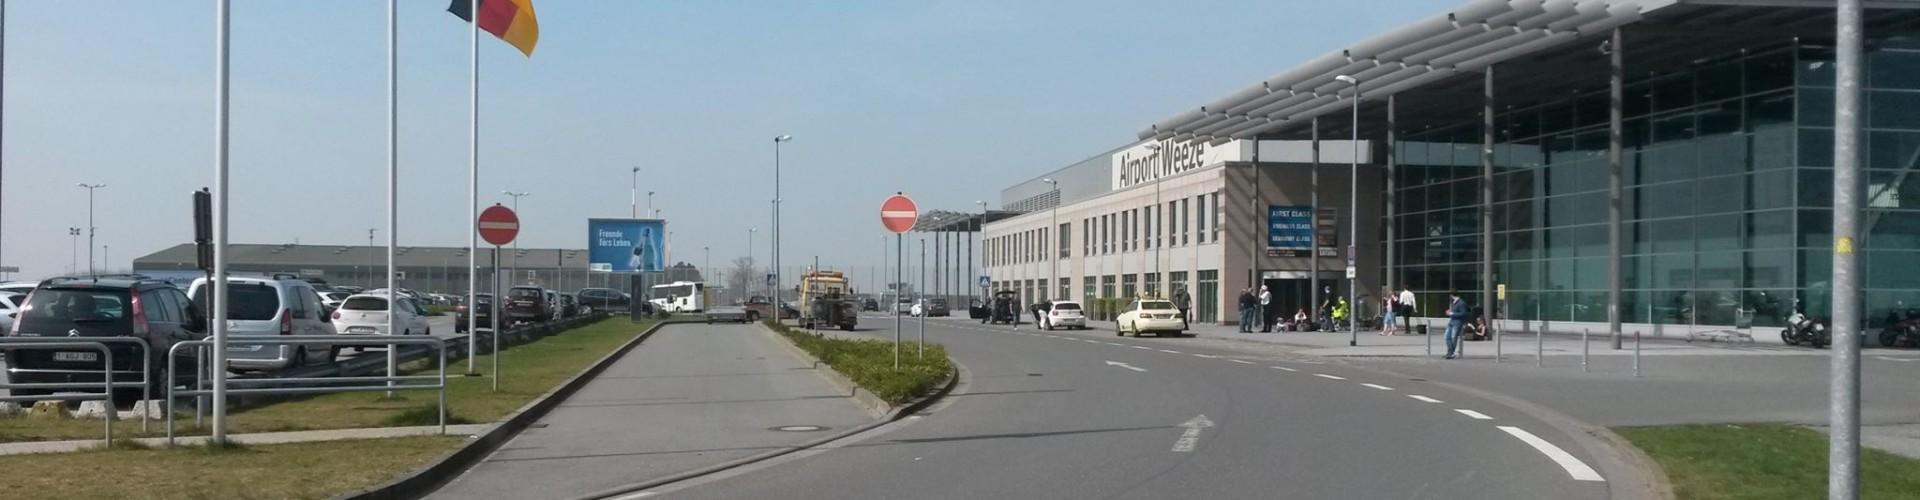 weeze-airport-parkeren-p1